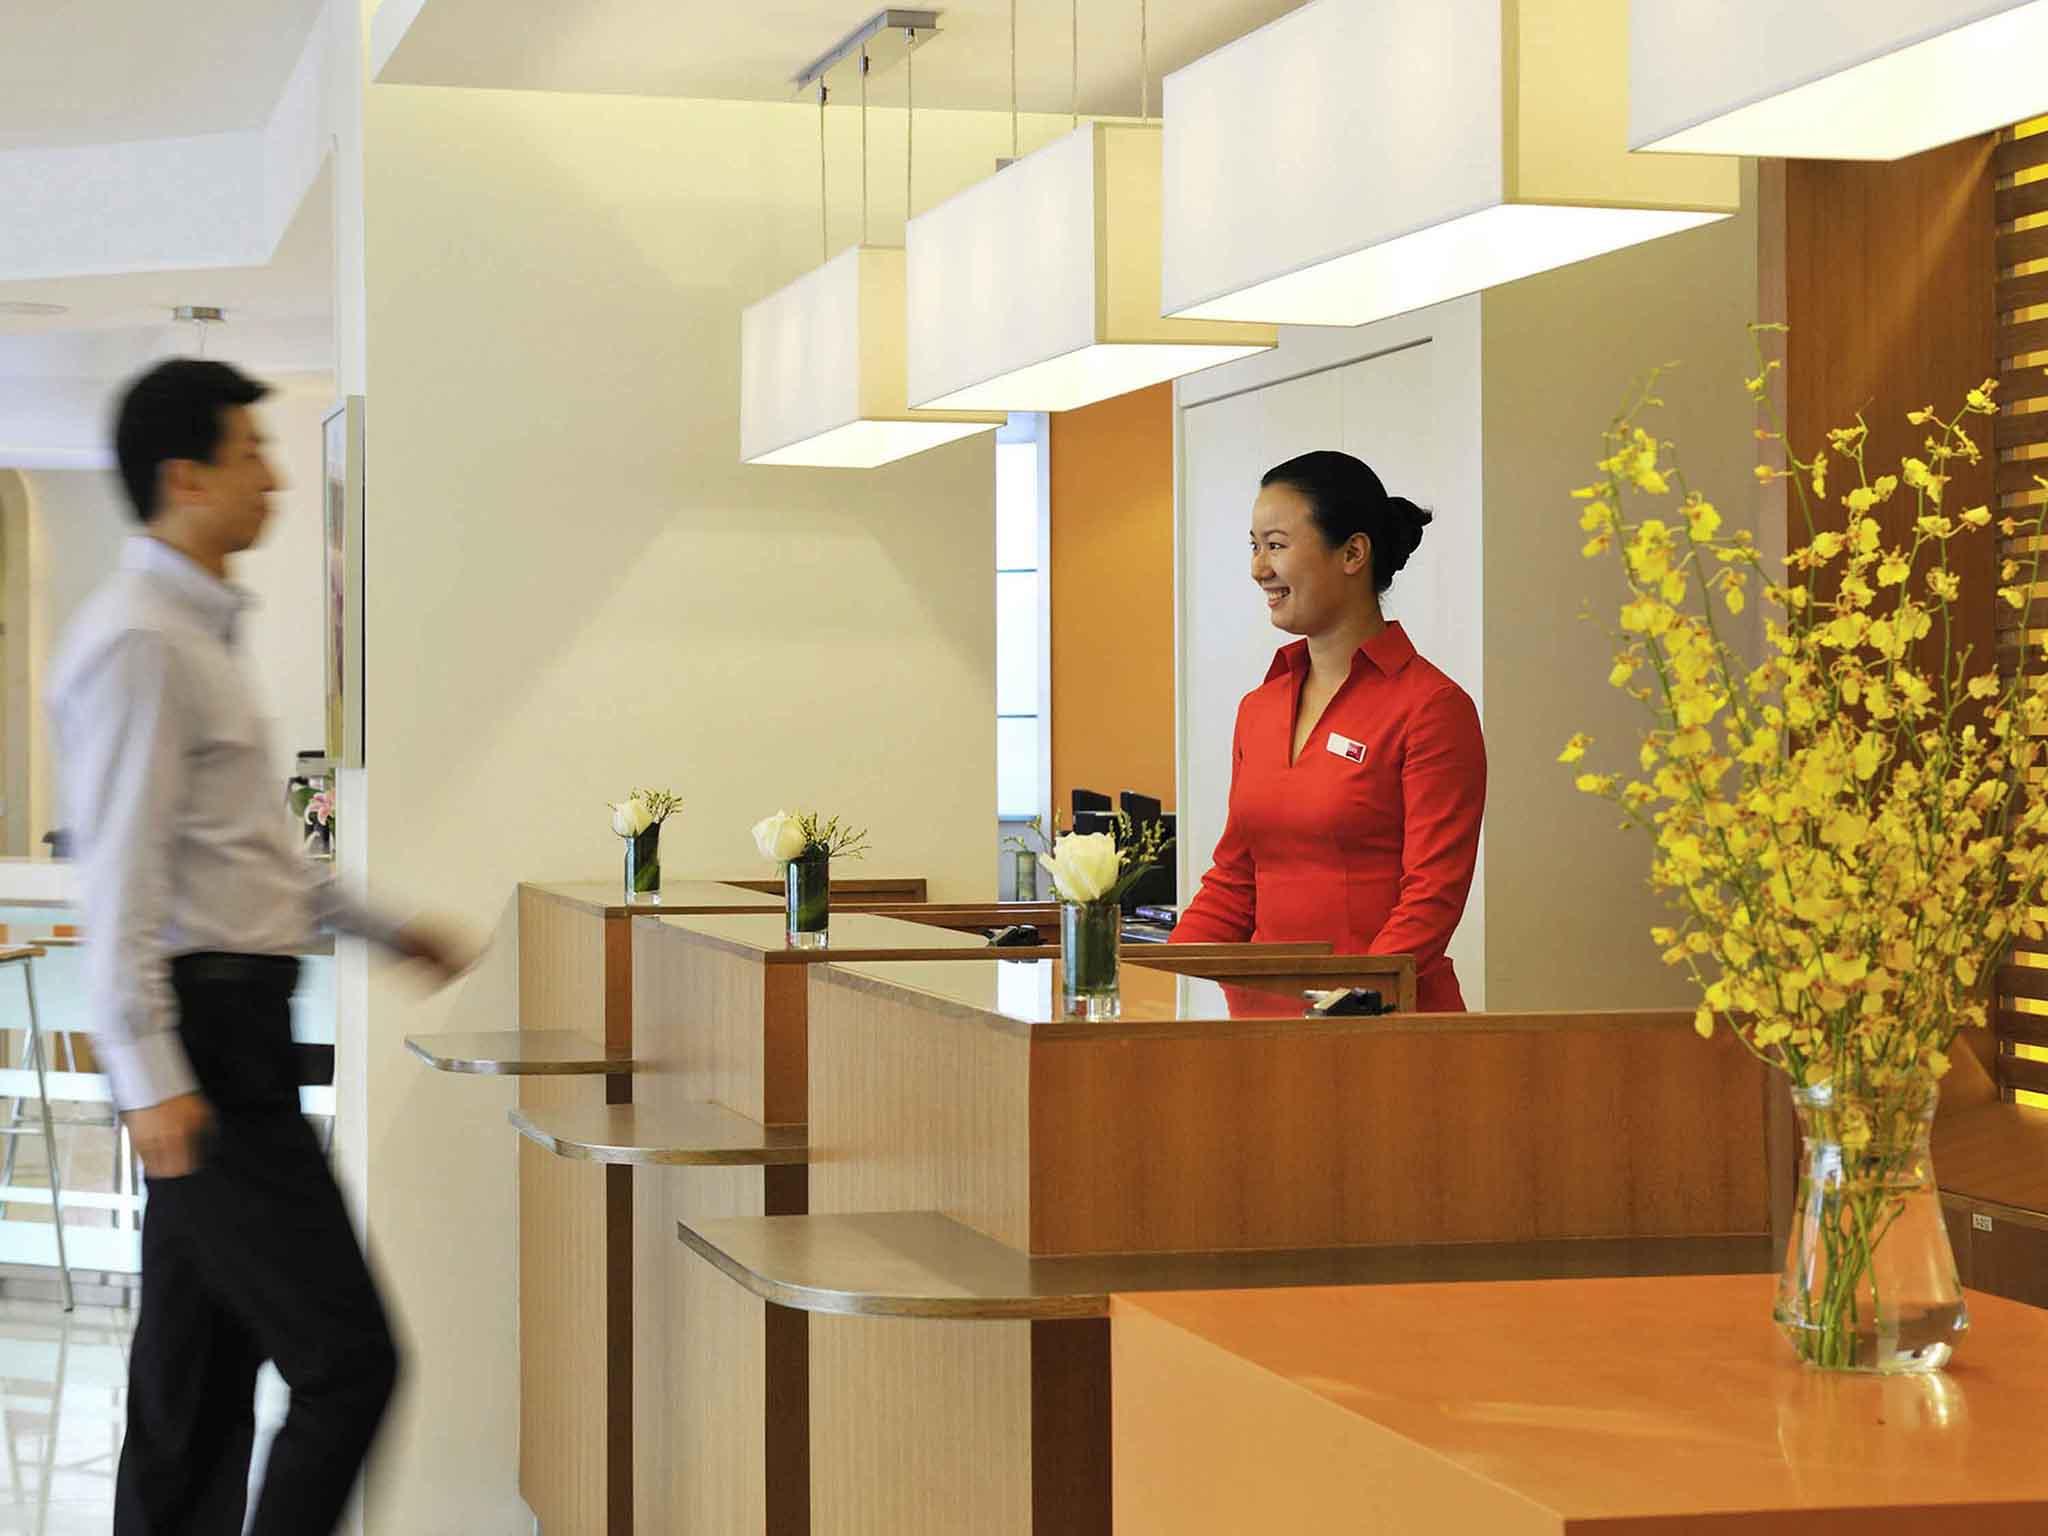 โรงแรม – ไอบิส ปักกิ่ง เจียงกั๋วเหมิน